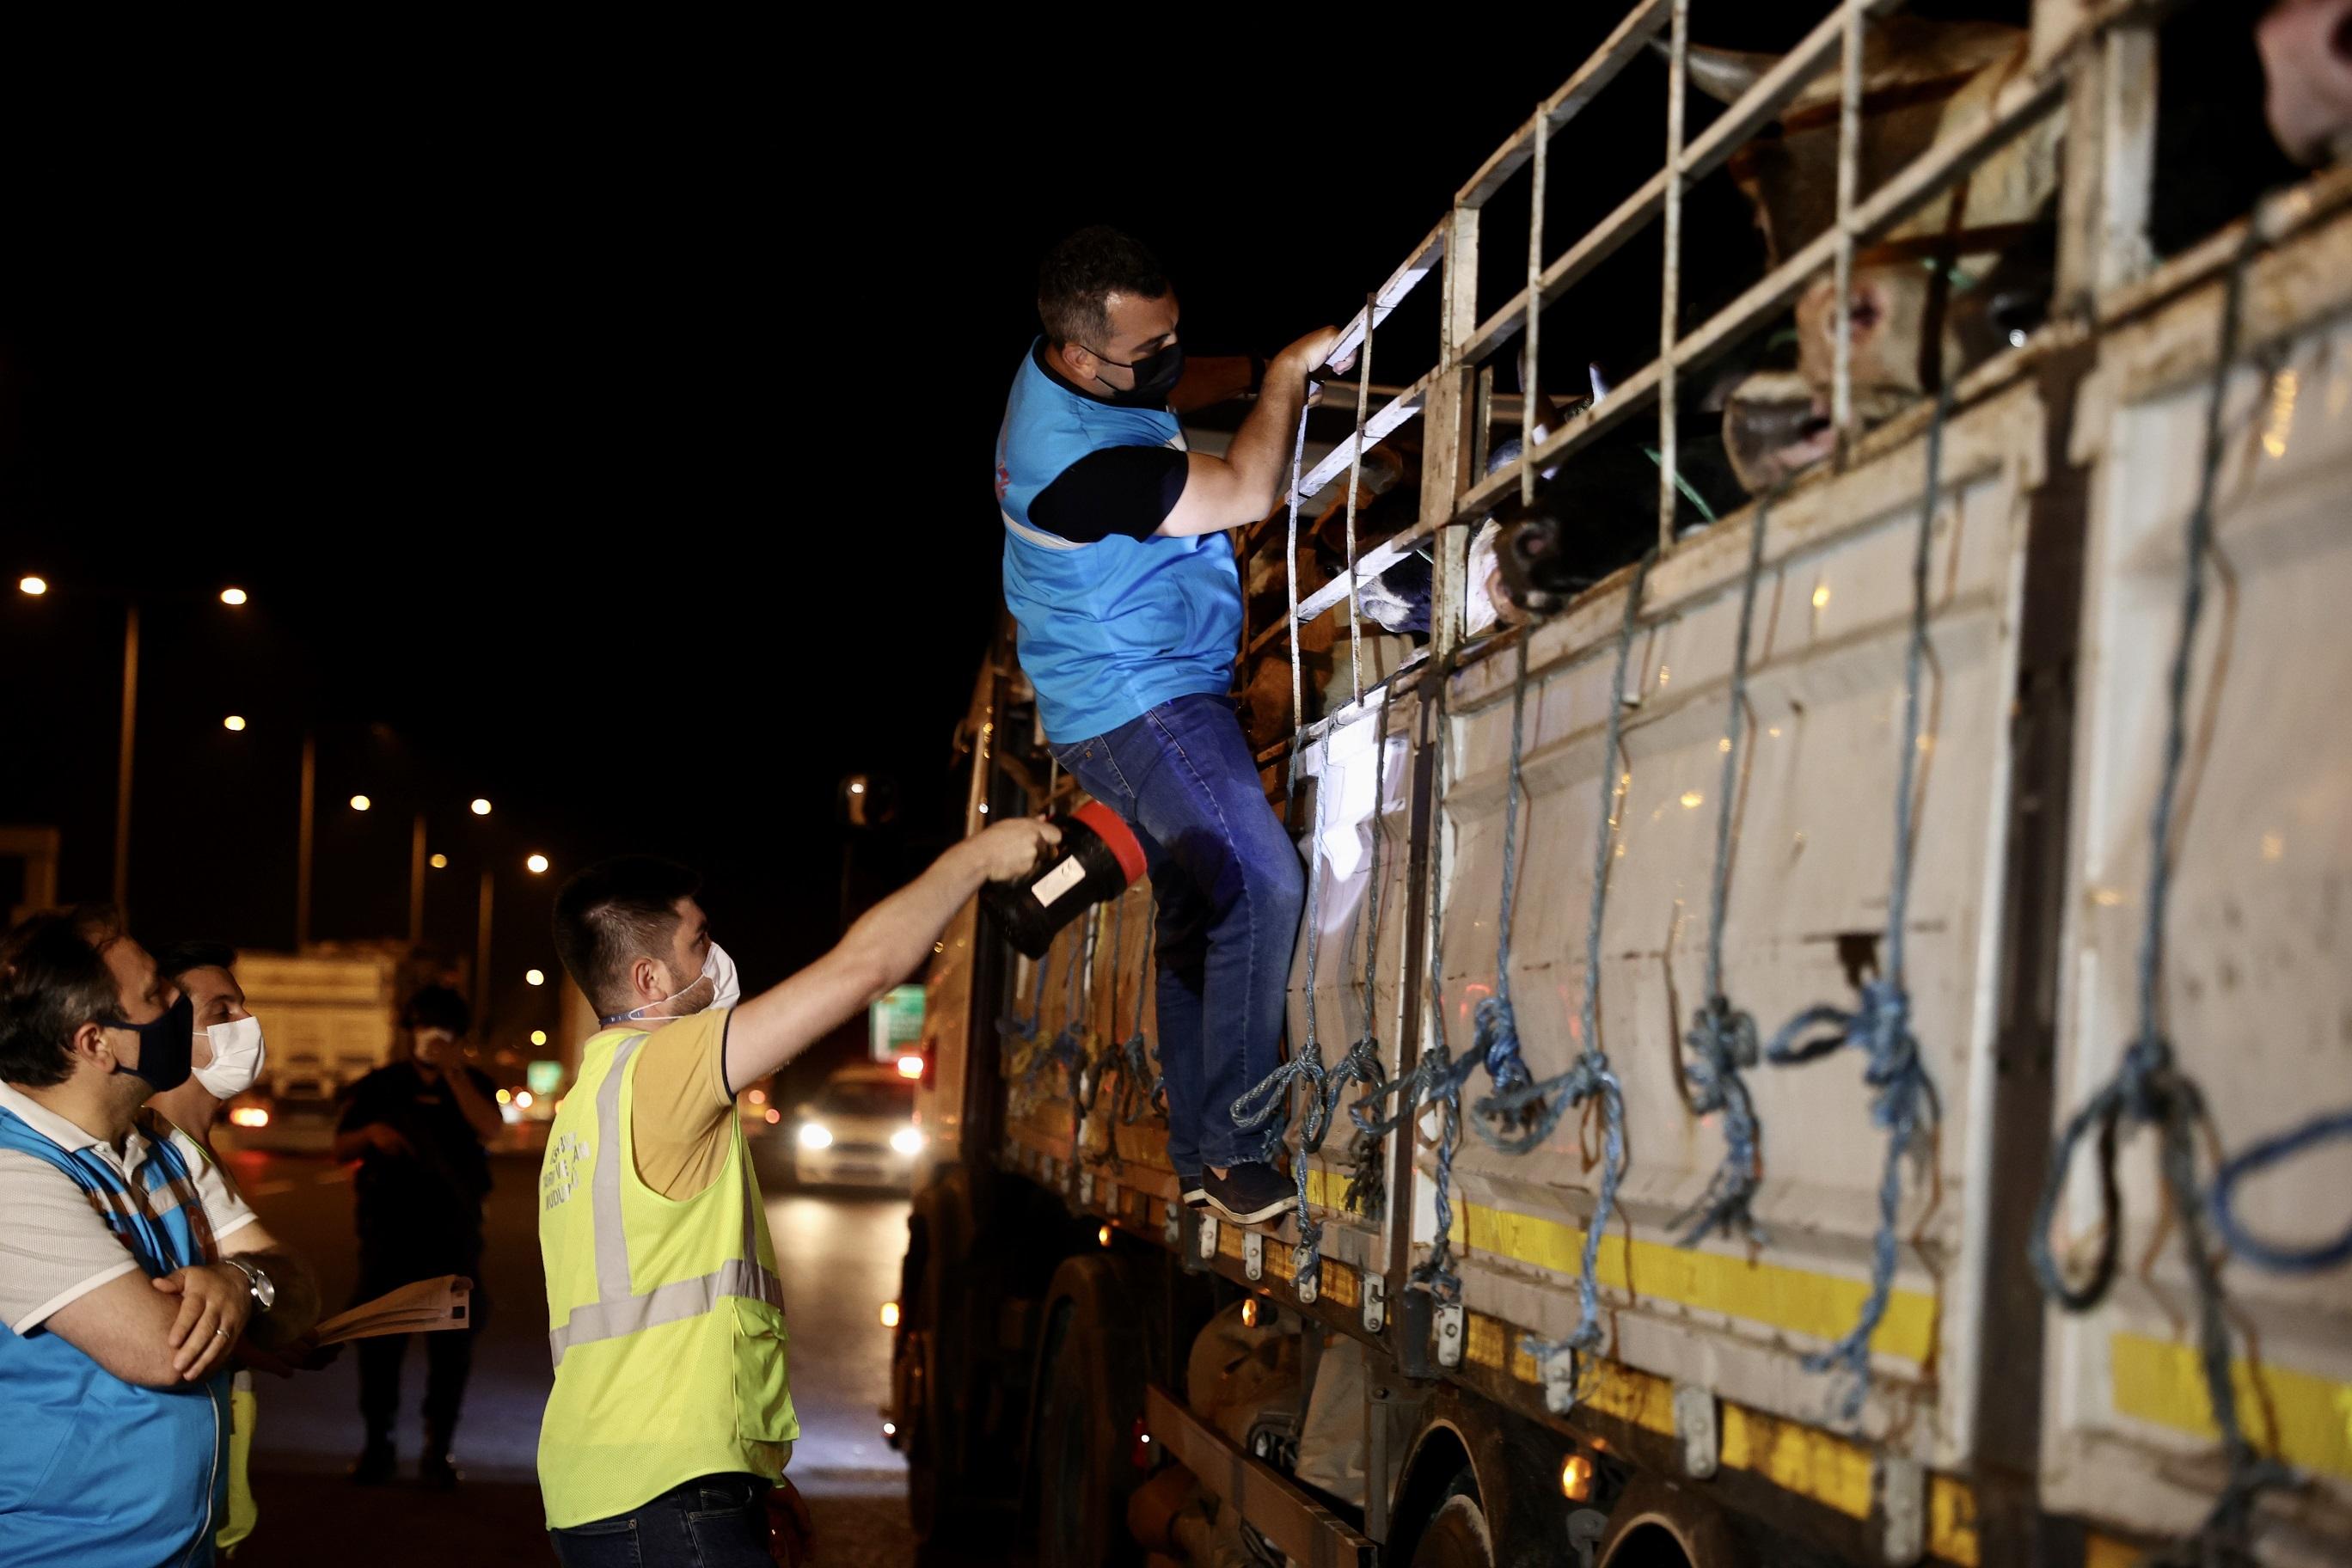 Bayrama sayılı günler kaldı! Kurbanlıklar İstanbula gelmeye başladı